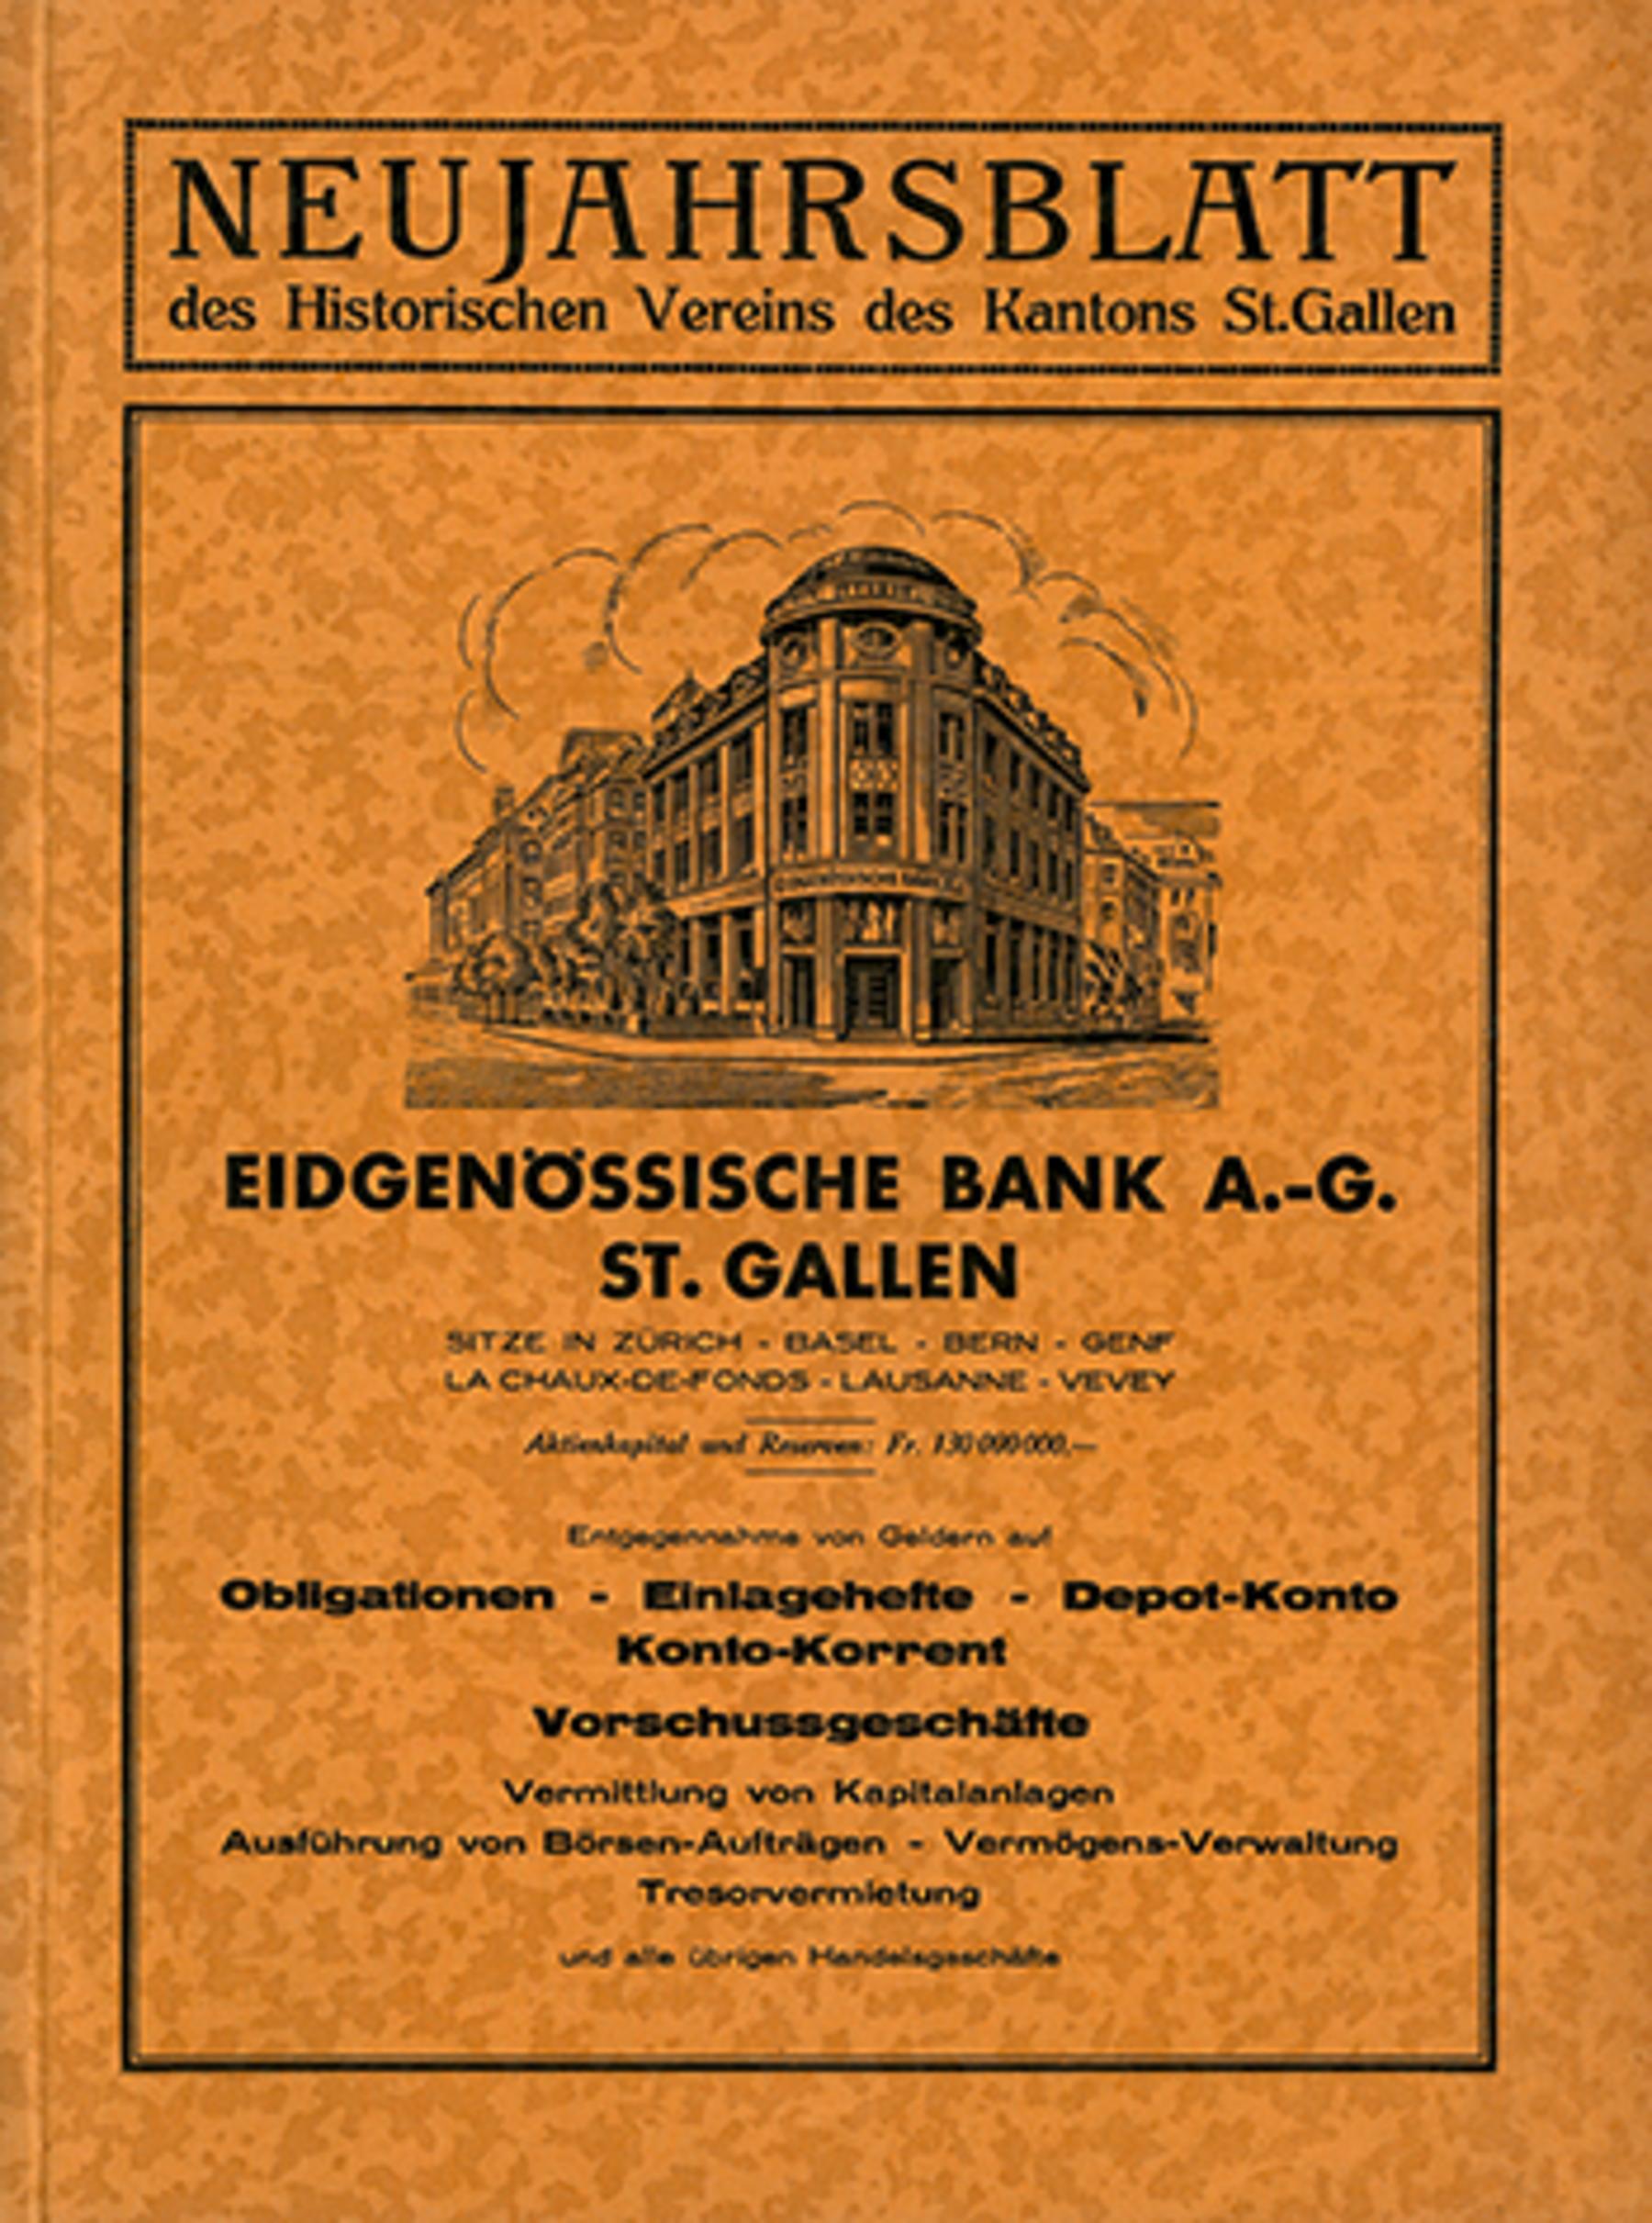 Eidgenössische Bank A.-G. St. Gallen